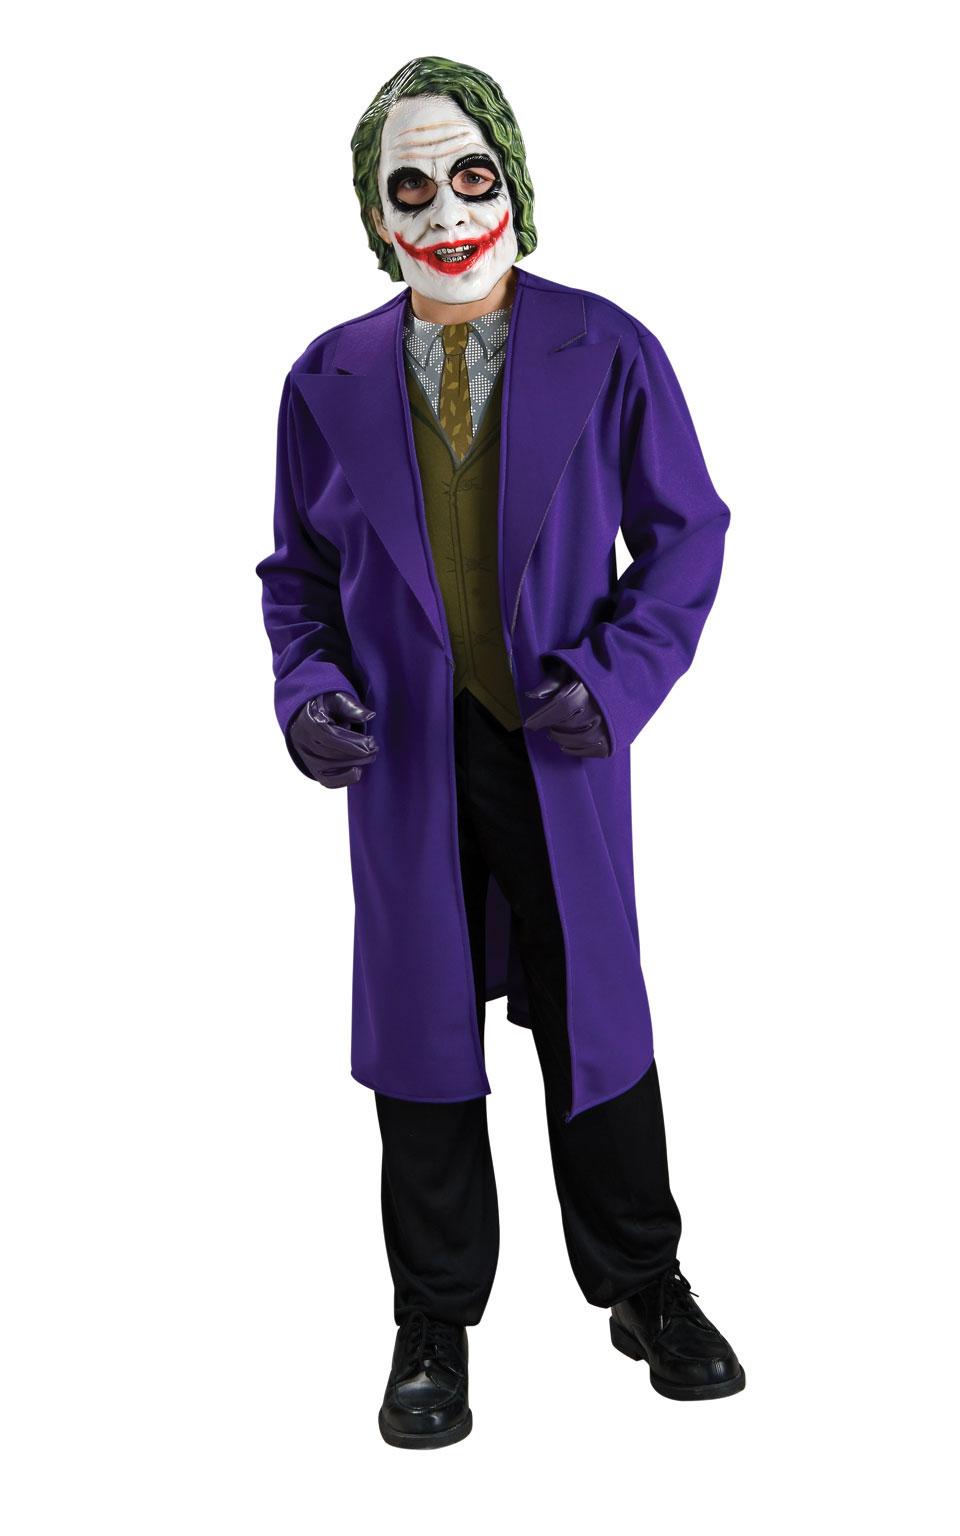 Rubies Kostým Joker - pánsky Veľkosť - dospelý: S